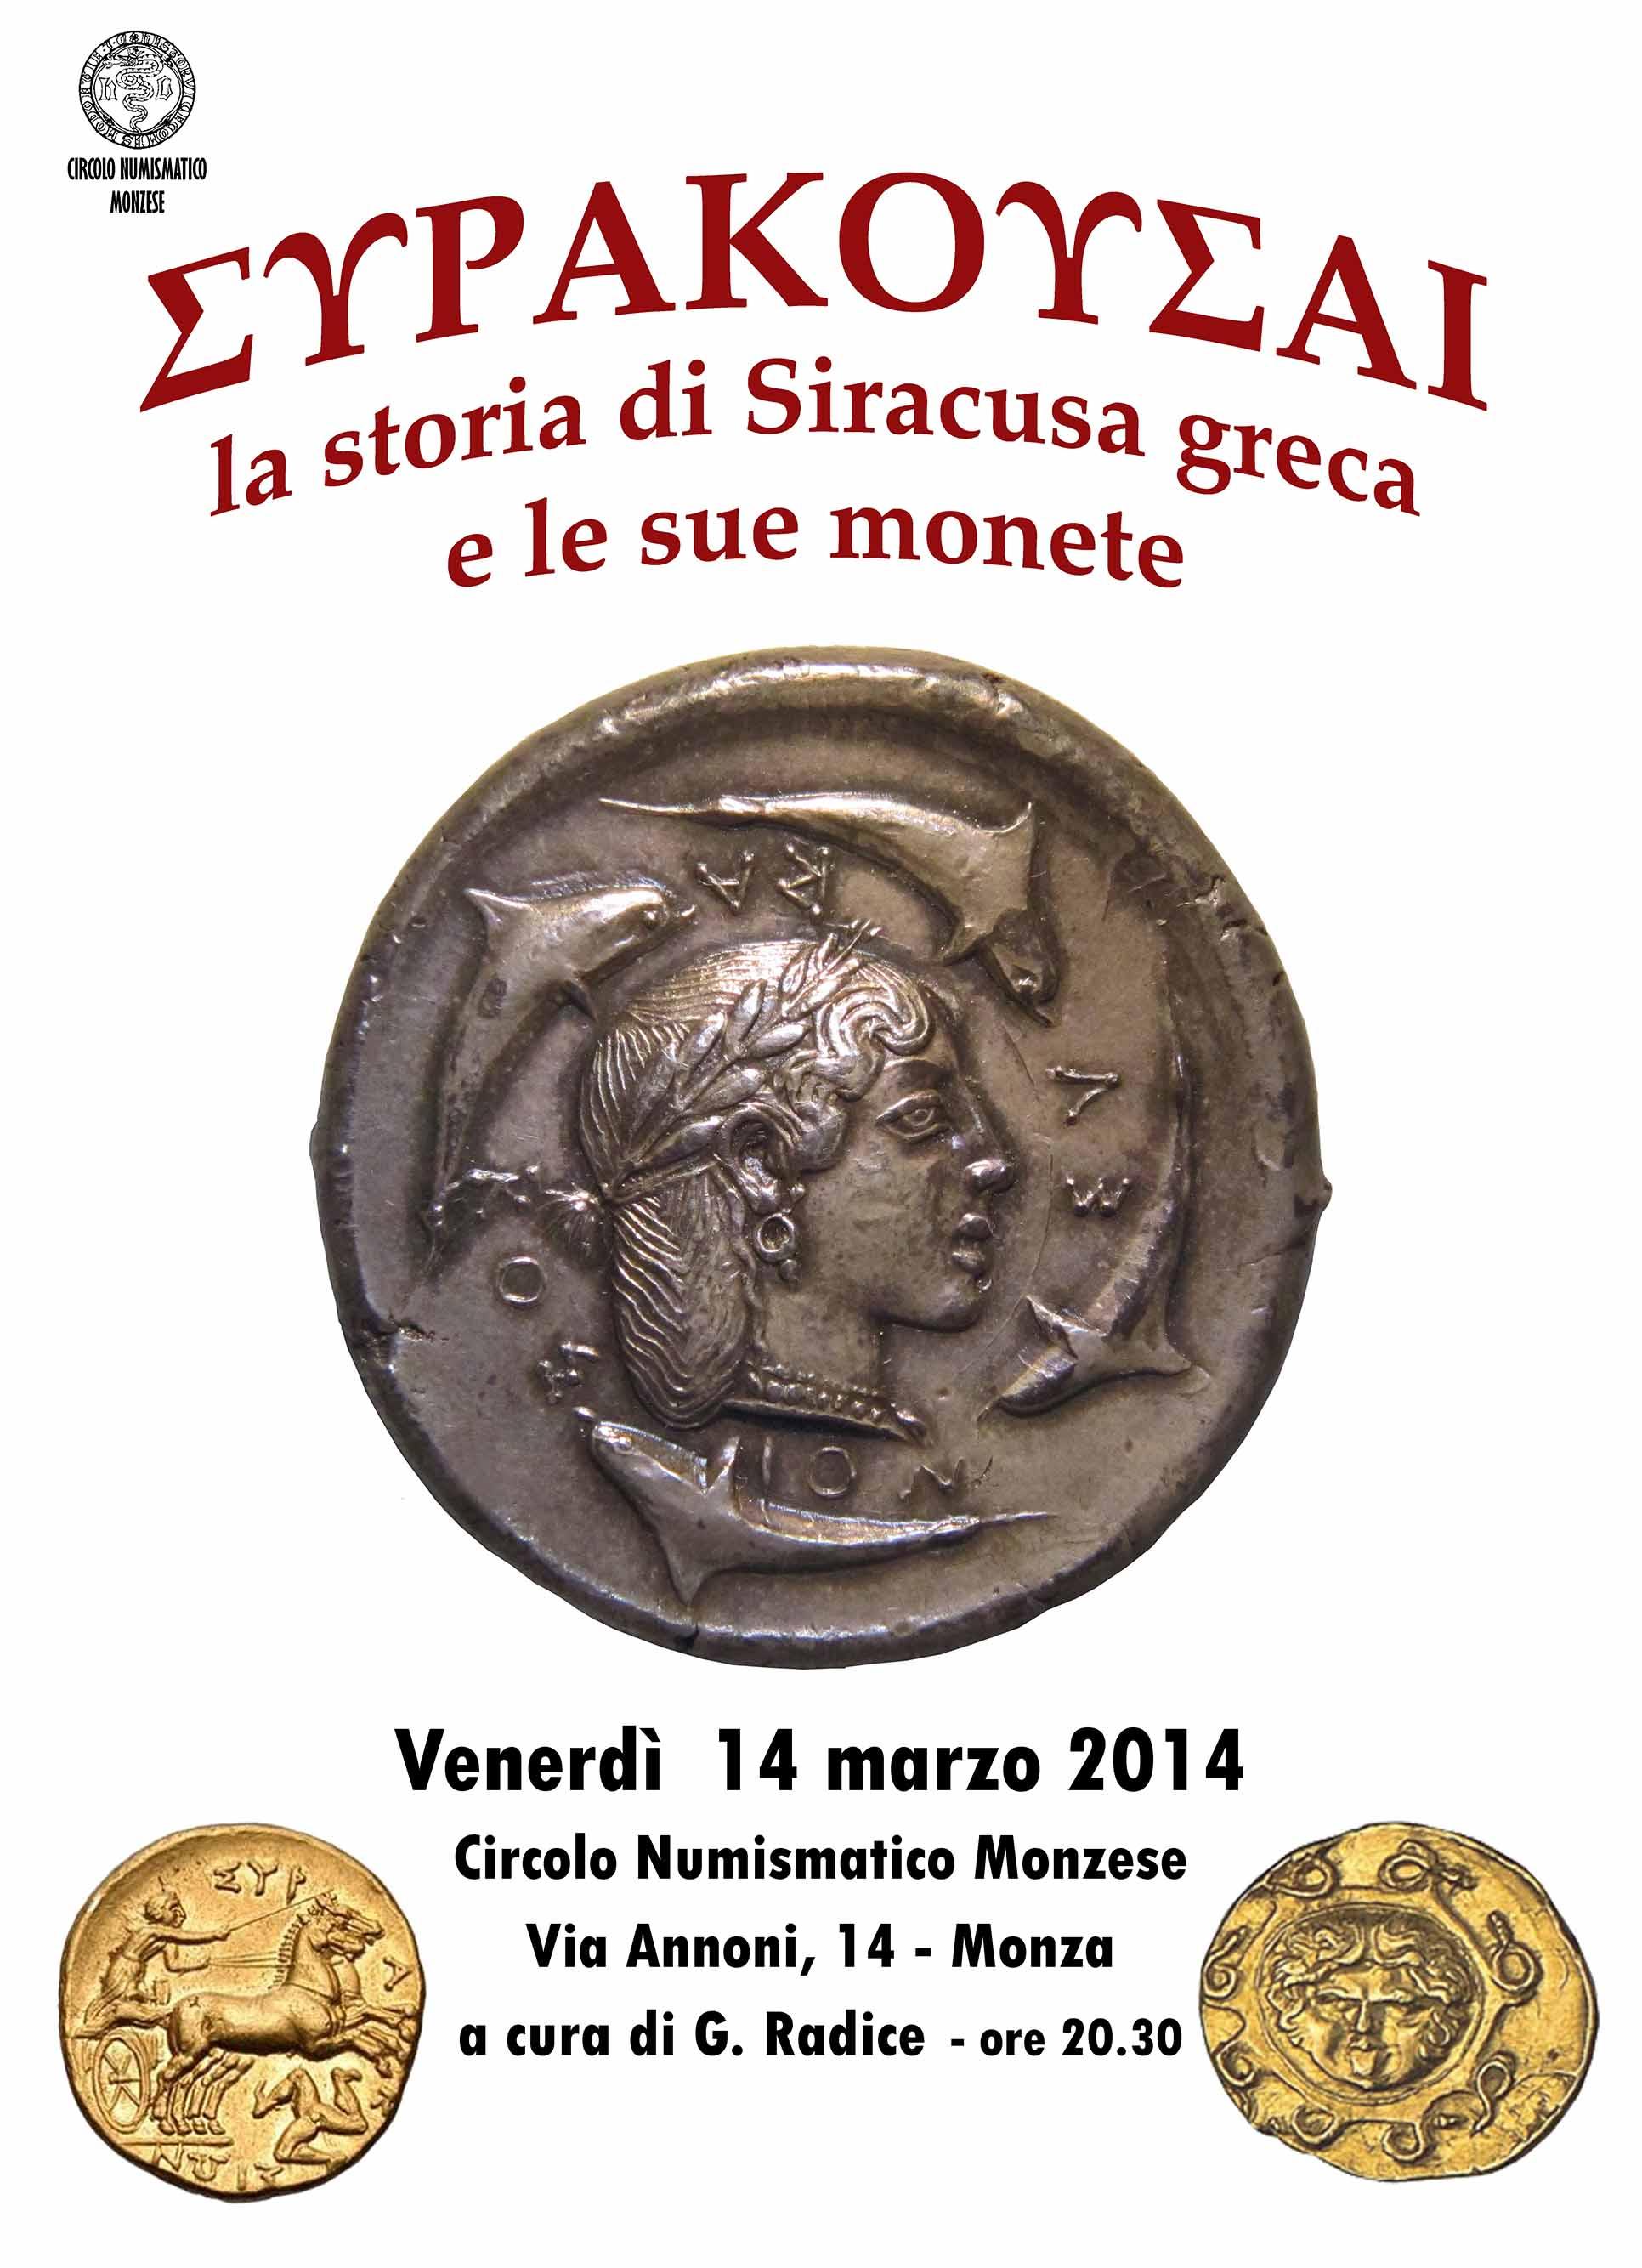 4243c3e93d Circolo Numismatico Monzese » Siracusa greca - La storia e le monete ...